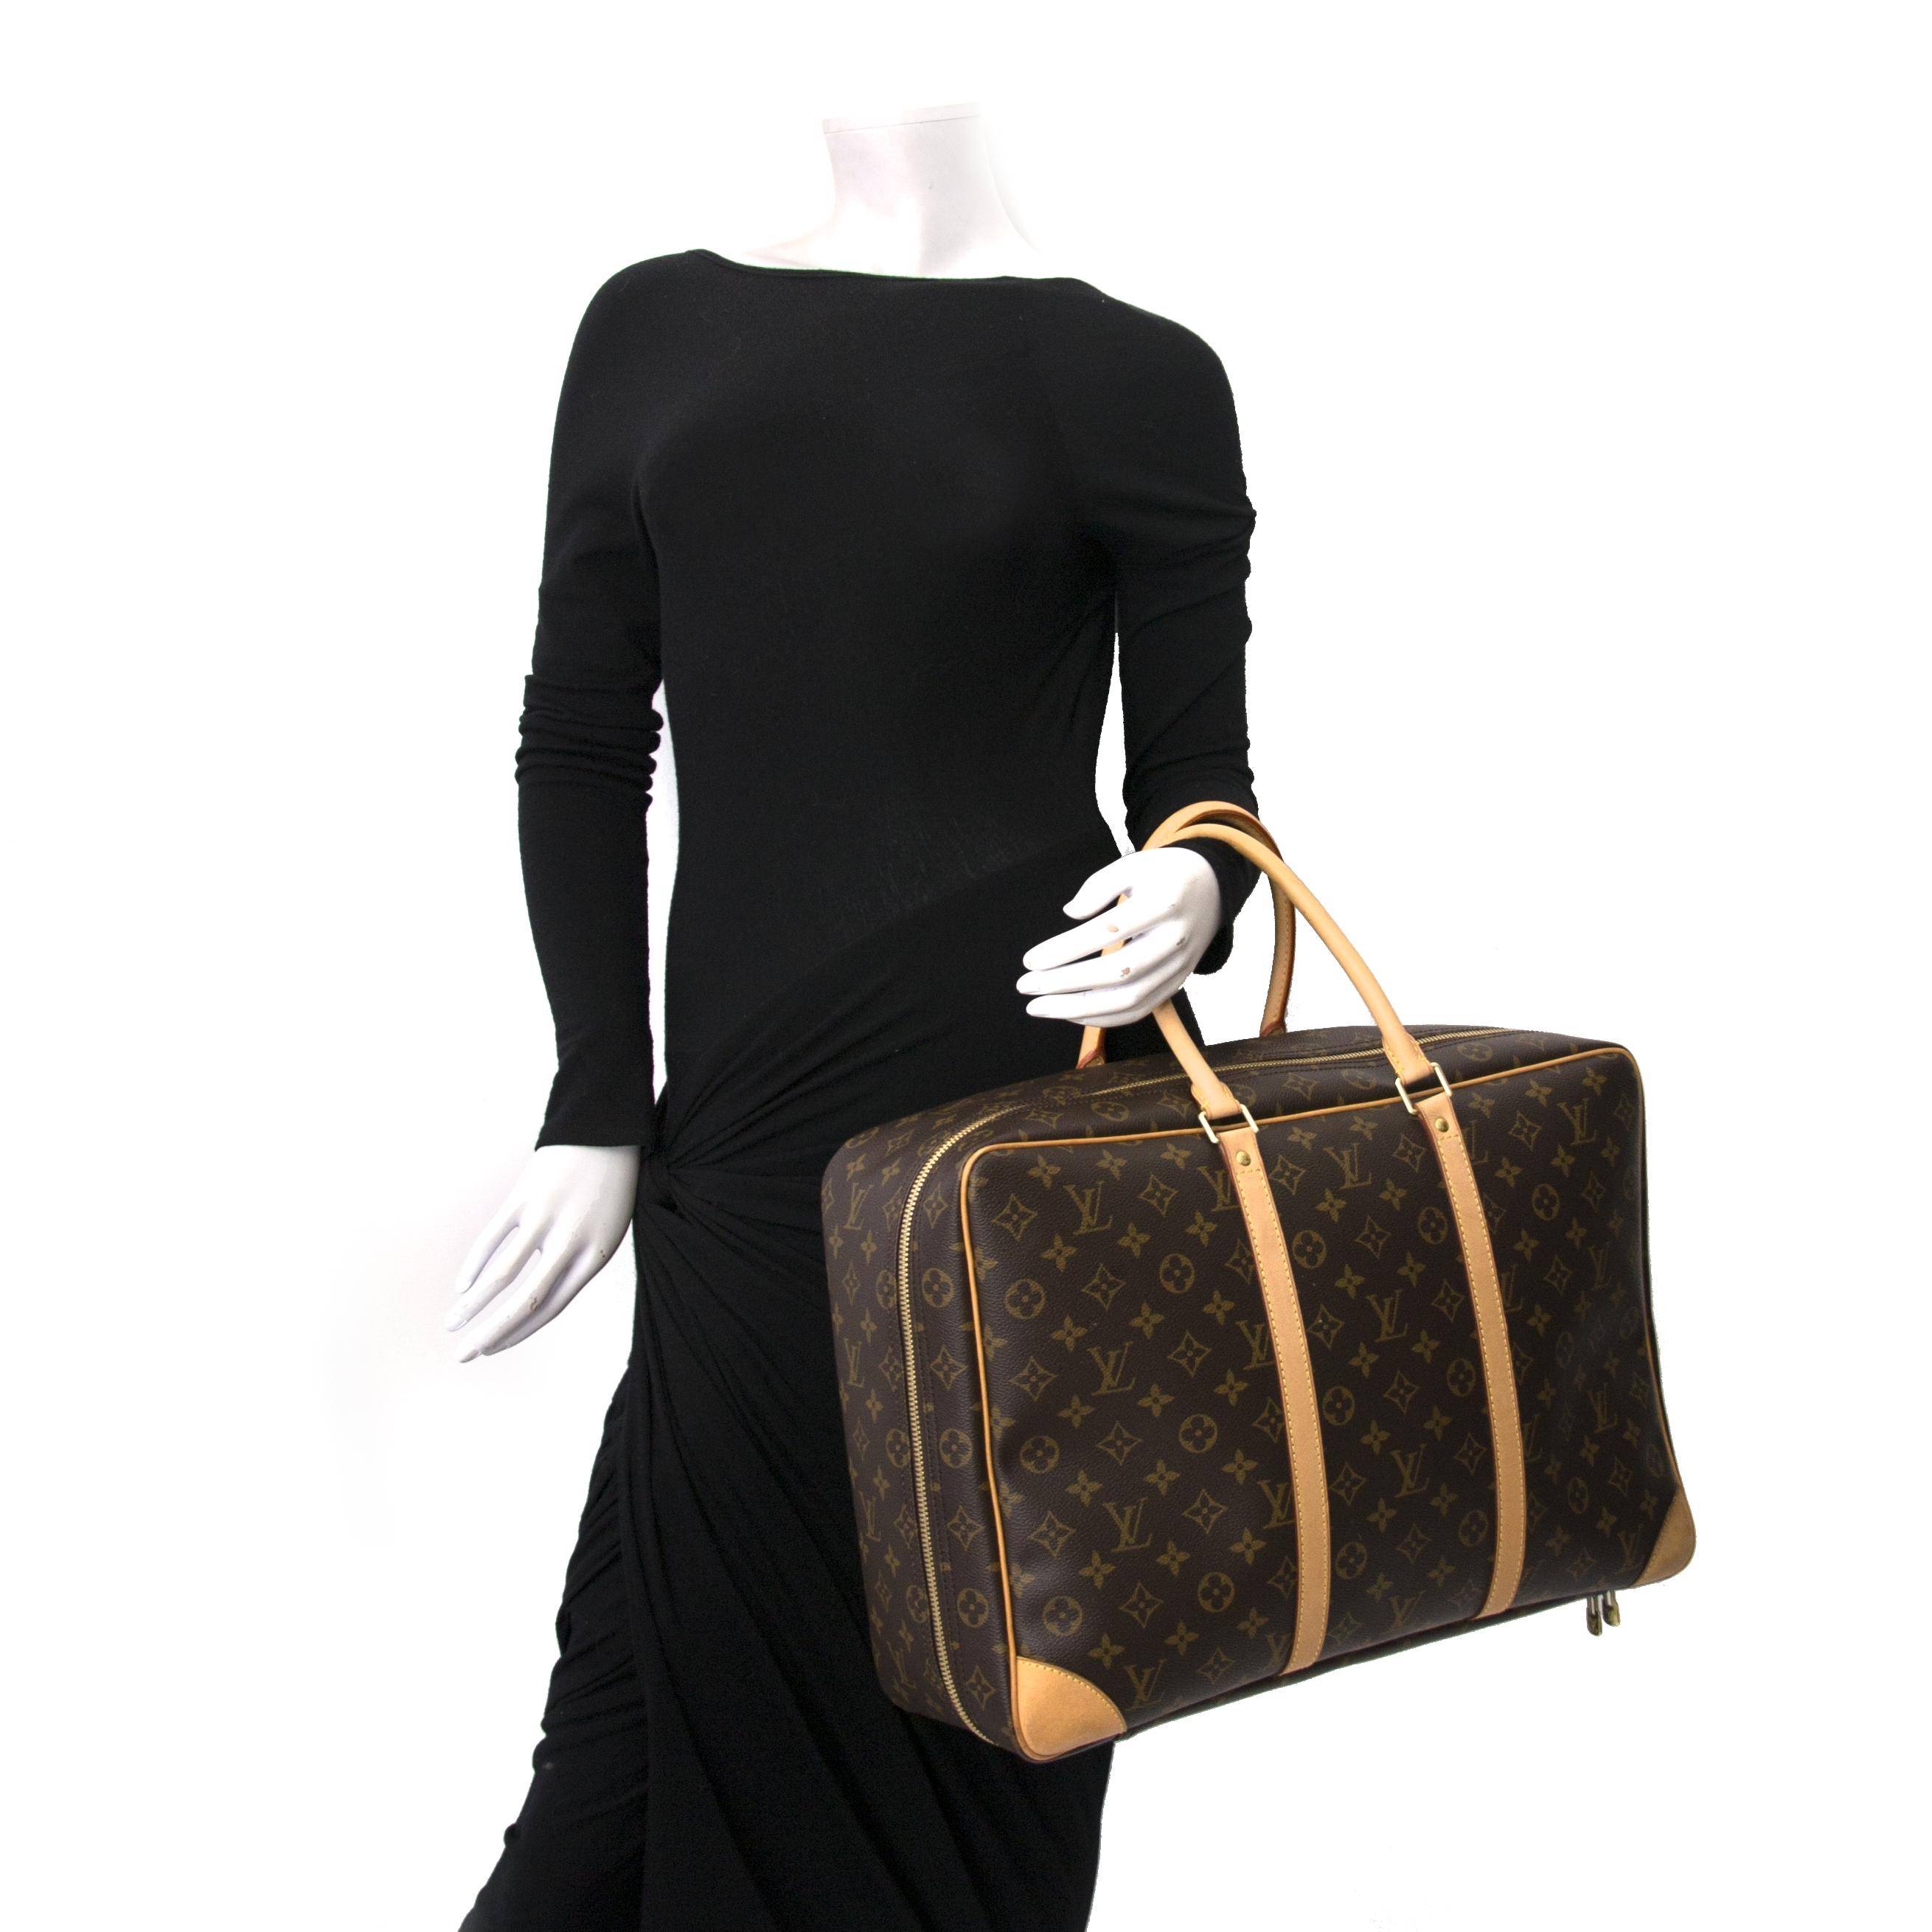 Louis Vuitton Monogram Sirius 45 Travel Bag shop online tegen de beste prijs Louis Vuitton Monogram Sirius 45 Travel Bag